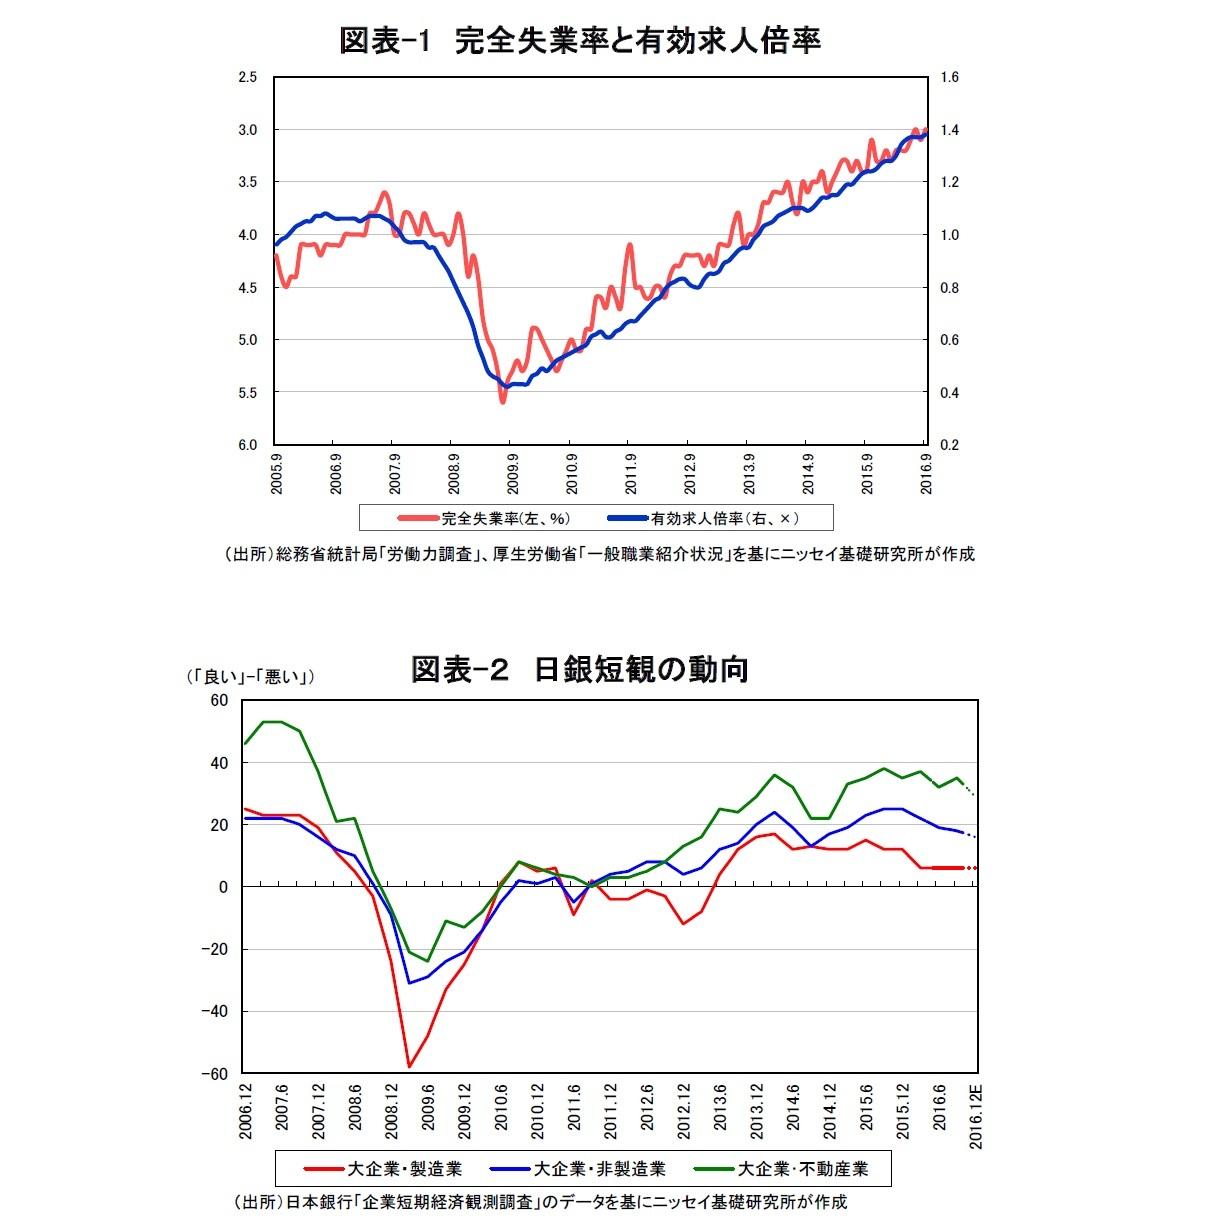 図表-1 完全失業率と有効求人倍率/図表-2 日銀短観の動向